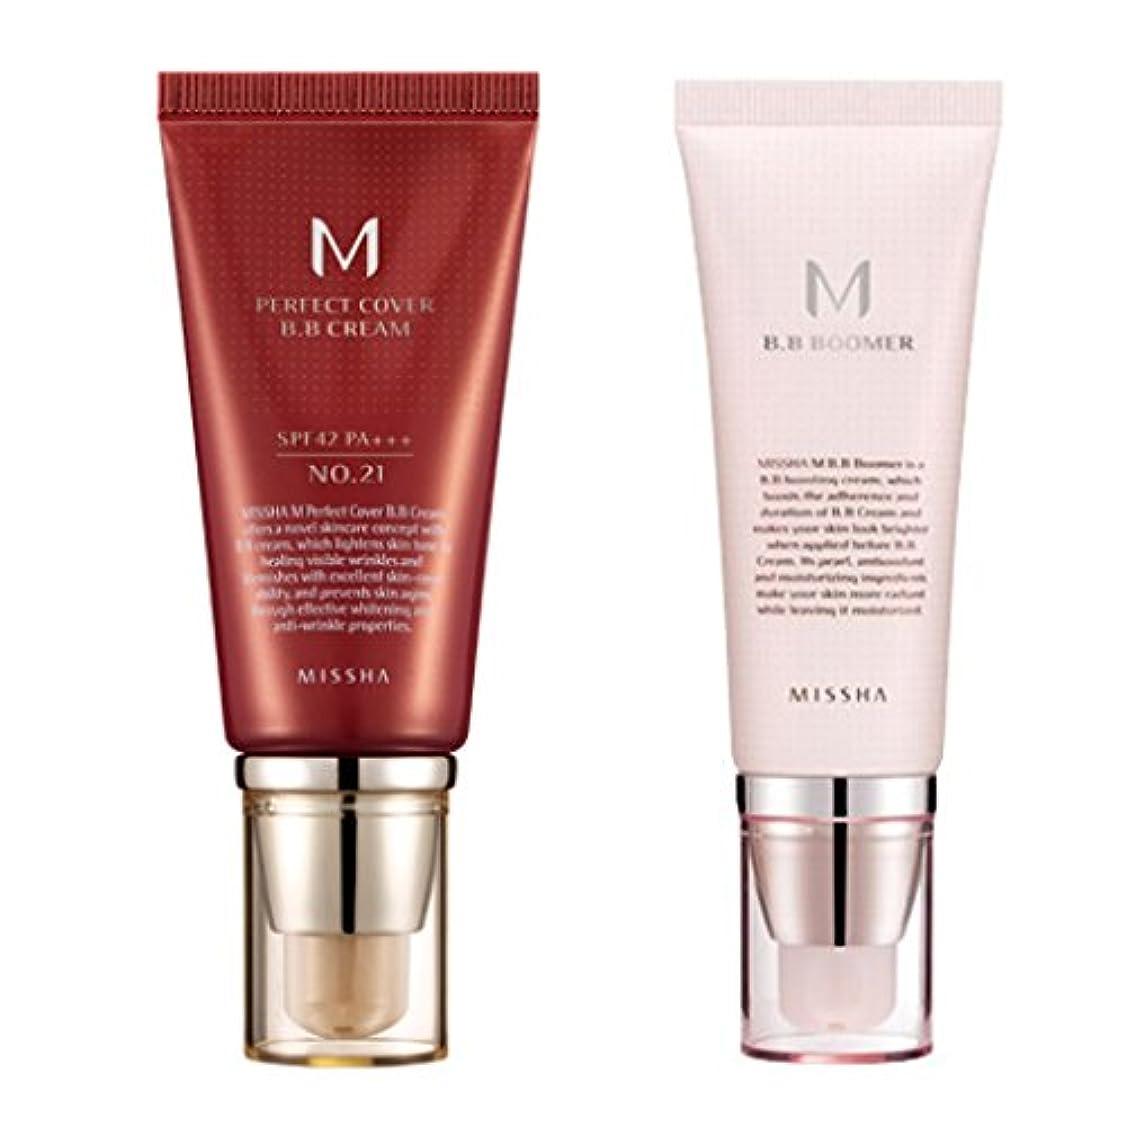 筋肉の石膏沿ってミシャ(MISSHA) M パーフェクトカバー BBクリーム 21号(ライトベージュ)+M BBブーマー